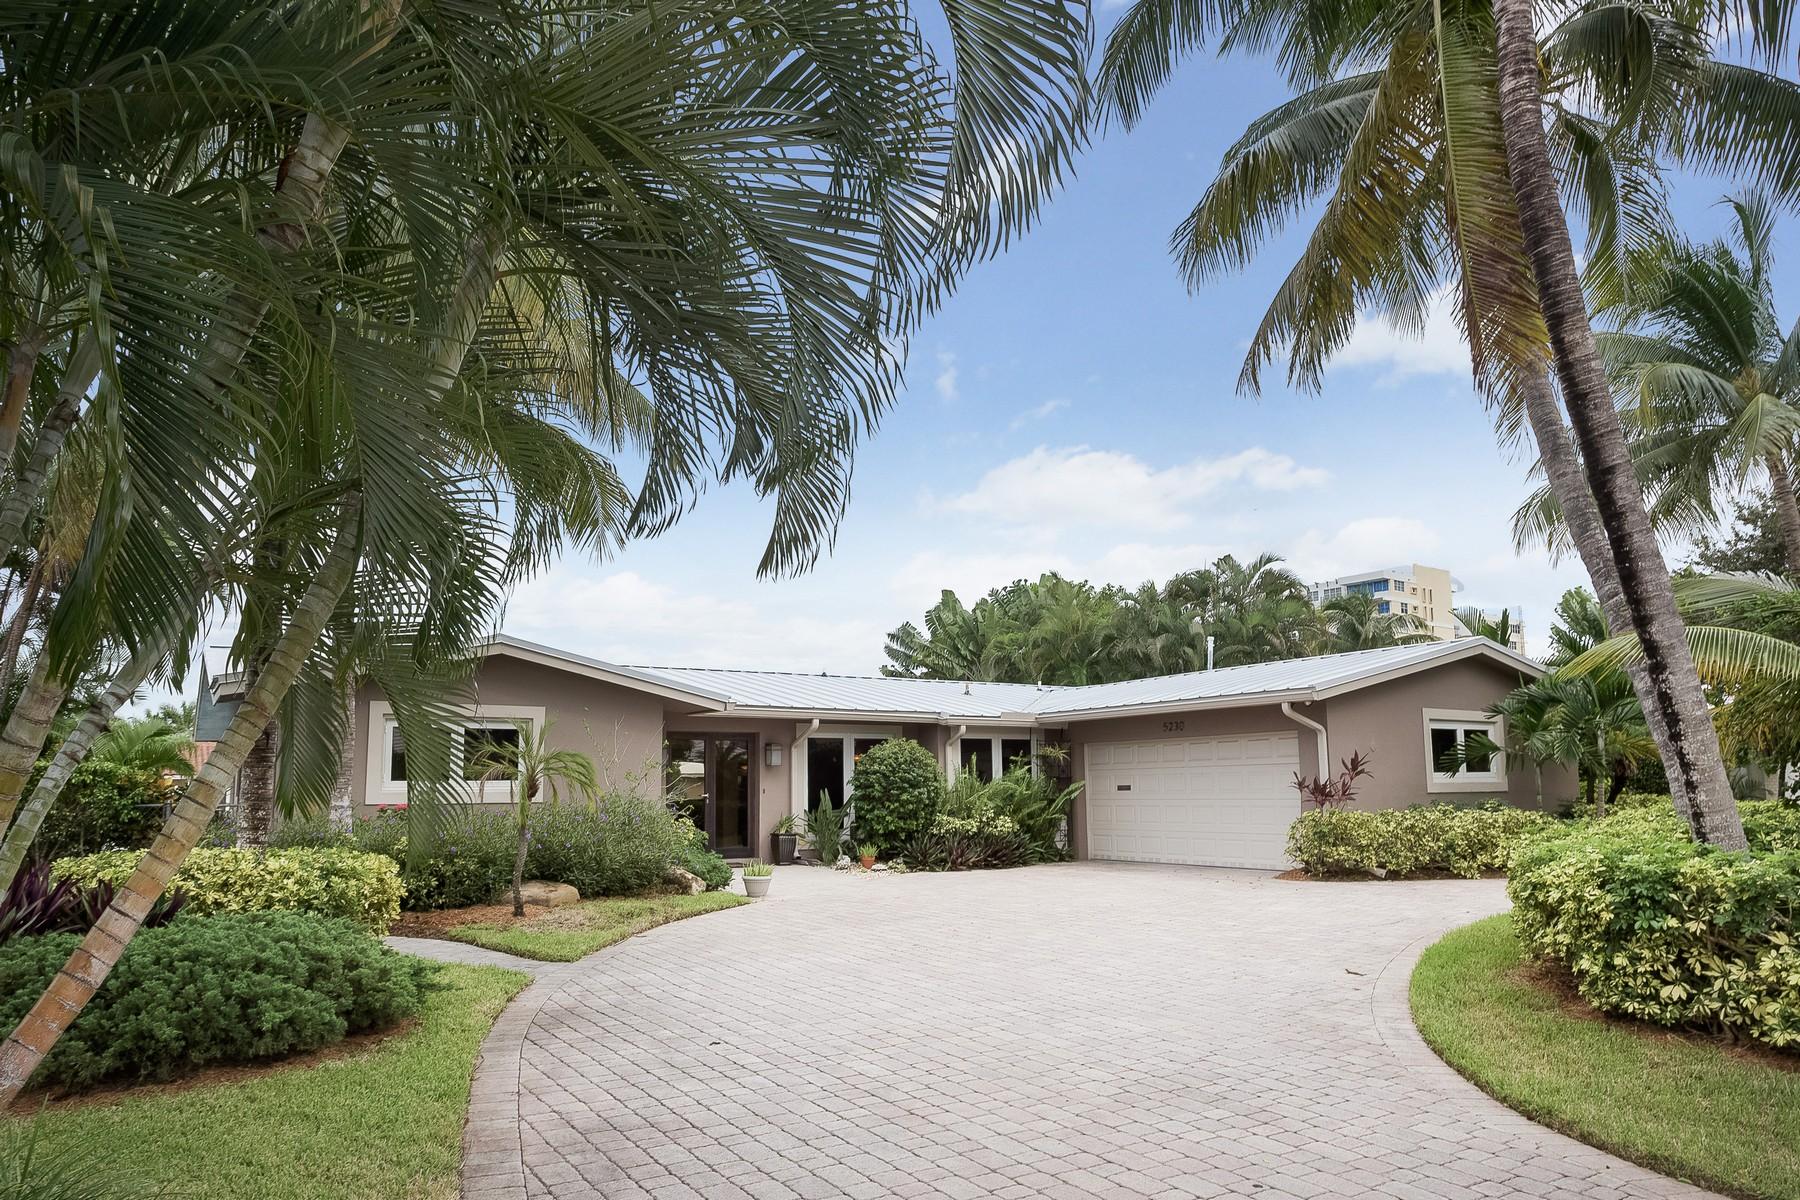 Maison unifamiliale pour l Vente à The Landings First 5230 NE 32 Ave Fort Lauderdale, Florida 33308 États-Unis